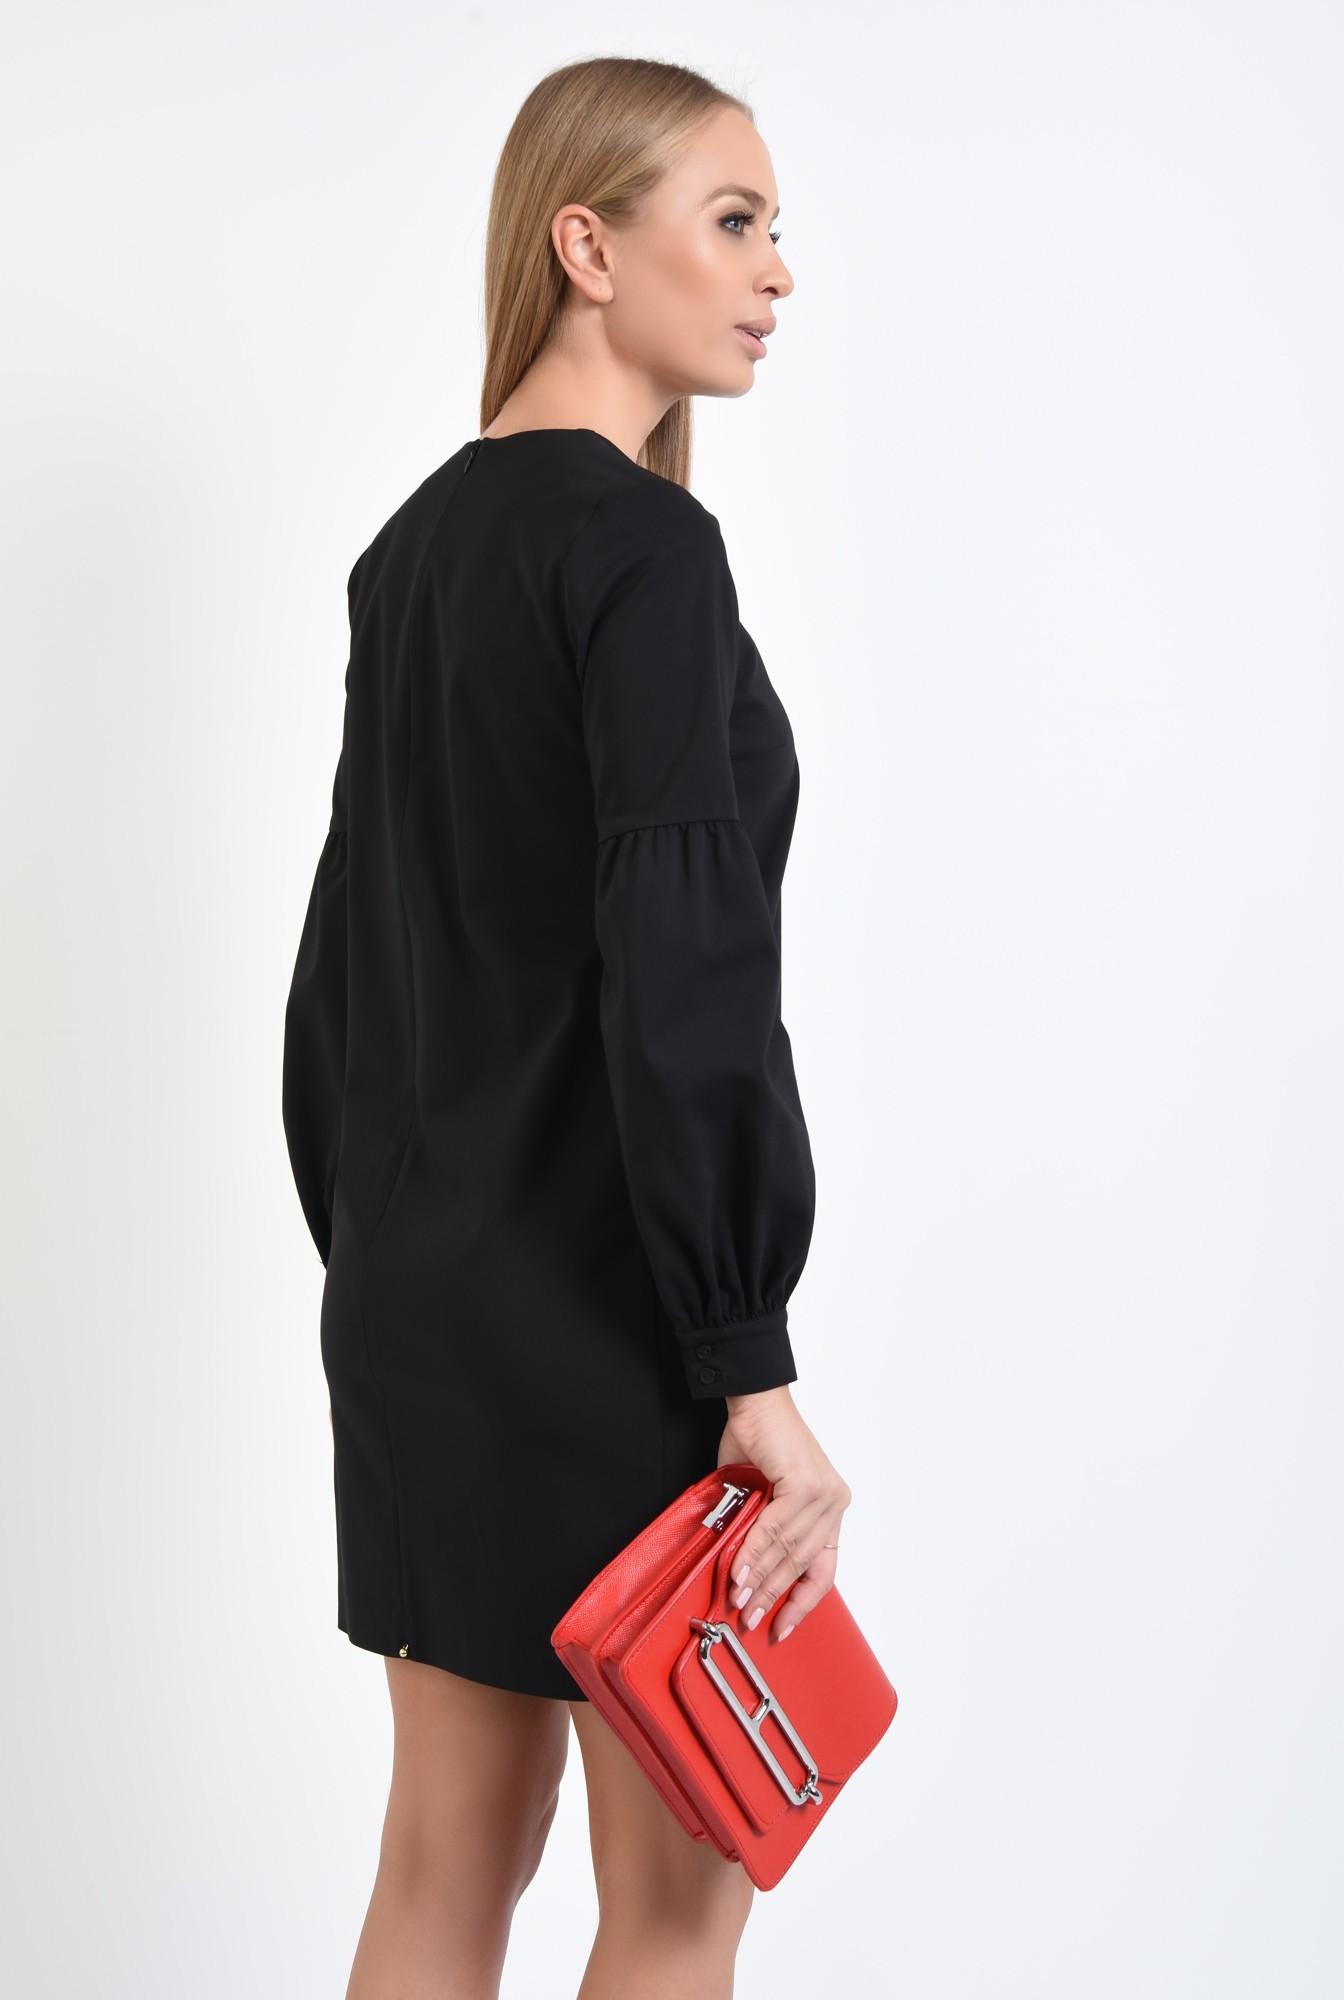 1 - rochie mini neagra, decolteu rotund la baza gatului